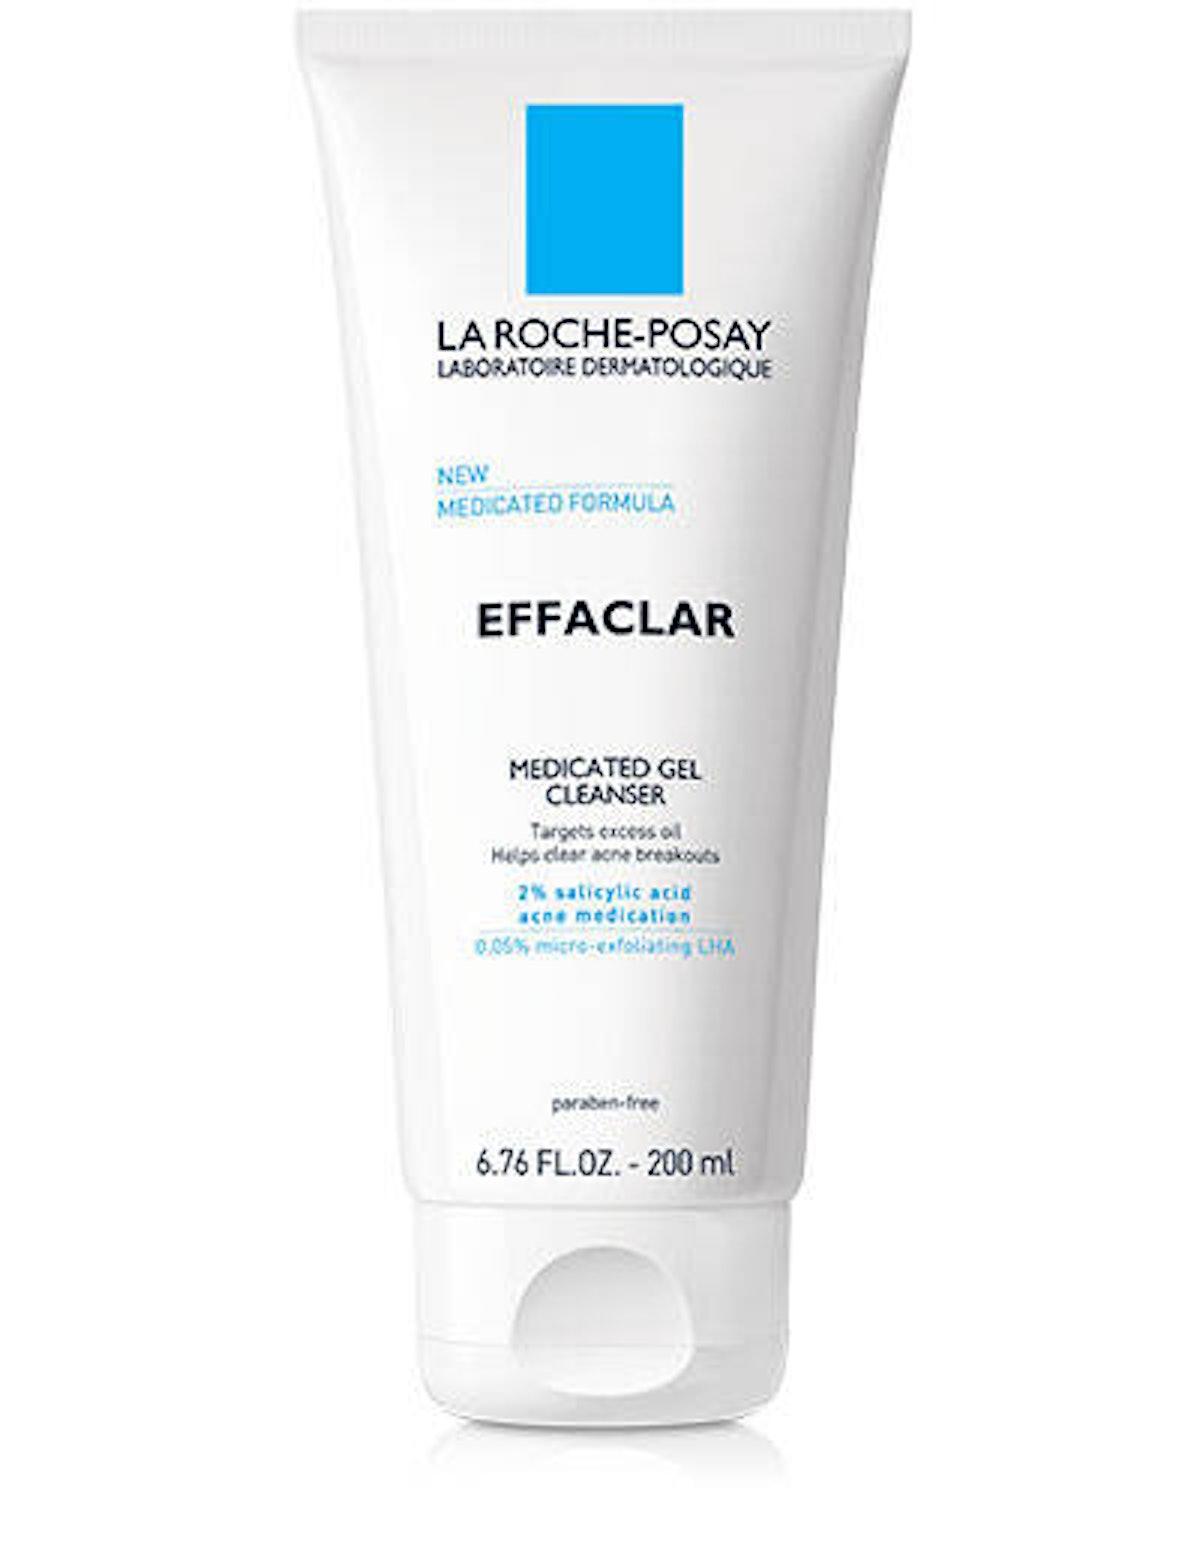 La Roche-Posay EFFACLAR Medicated Acne Face Wash